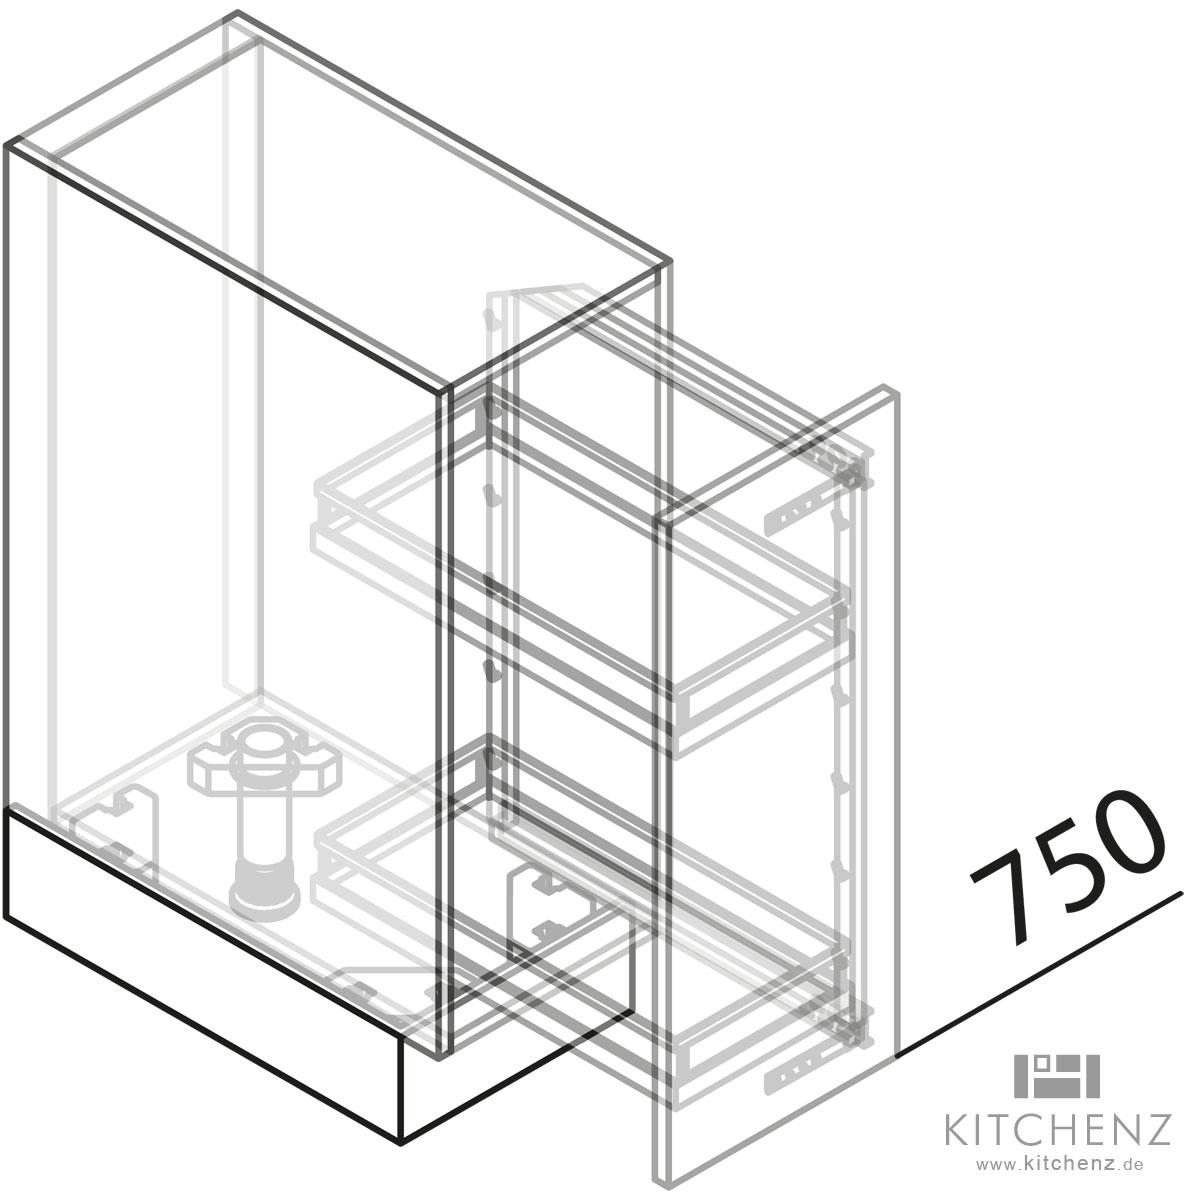 Full Size of Nolte Kchen Apothekerschrank Uvk30 Gnstig Kaufen Betten Küche Schlafzimmer Wohnzimmer Nolte Apothekerschrank